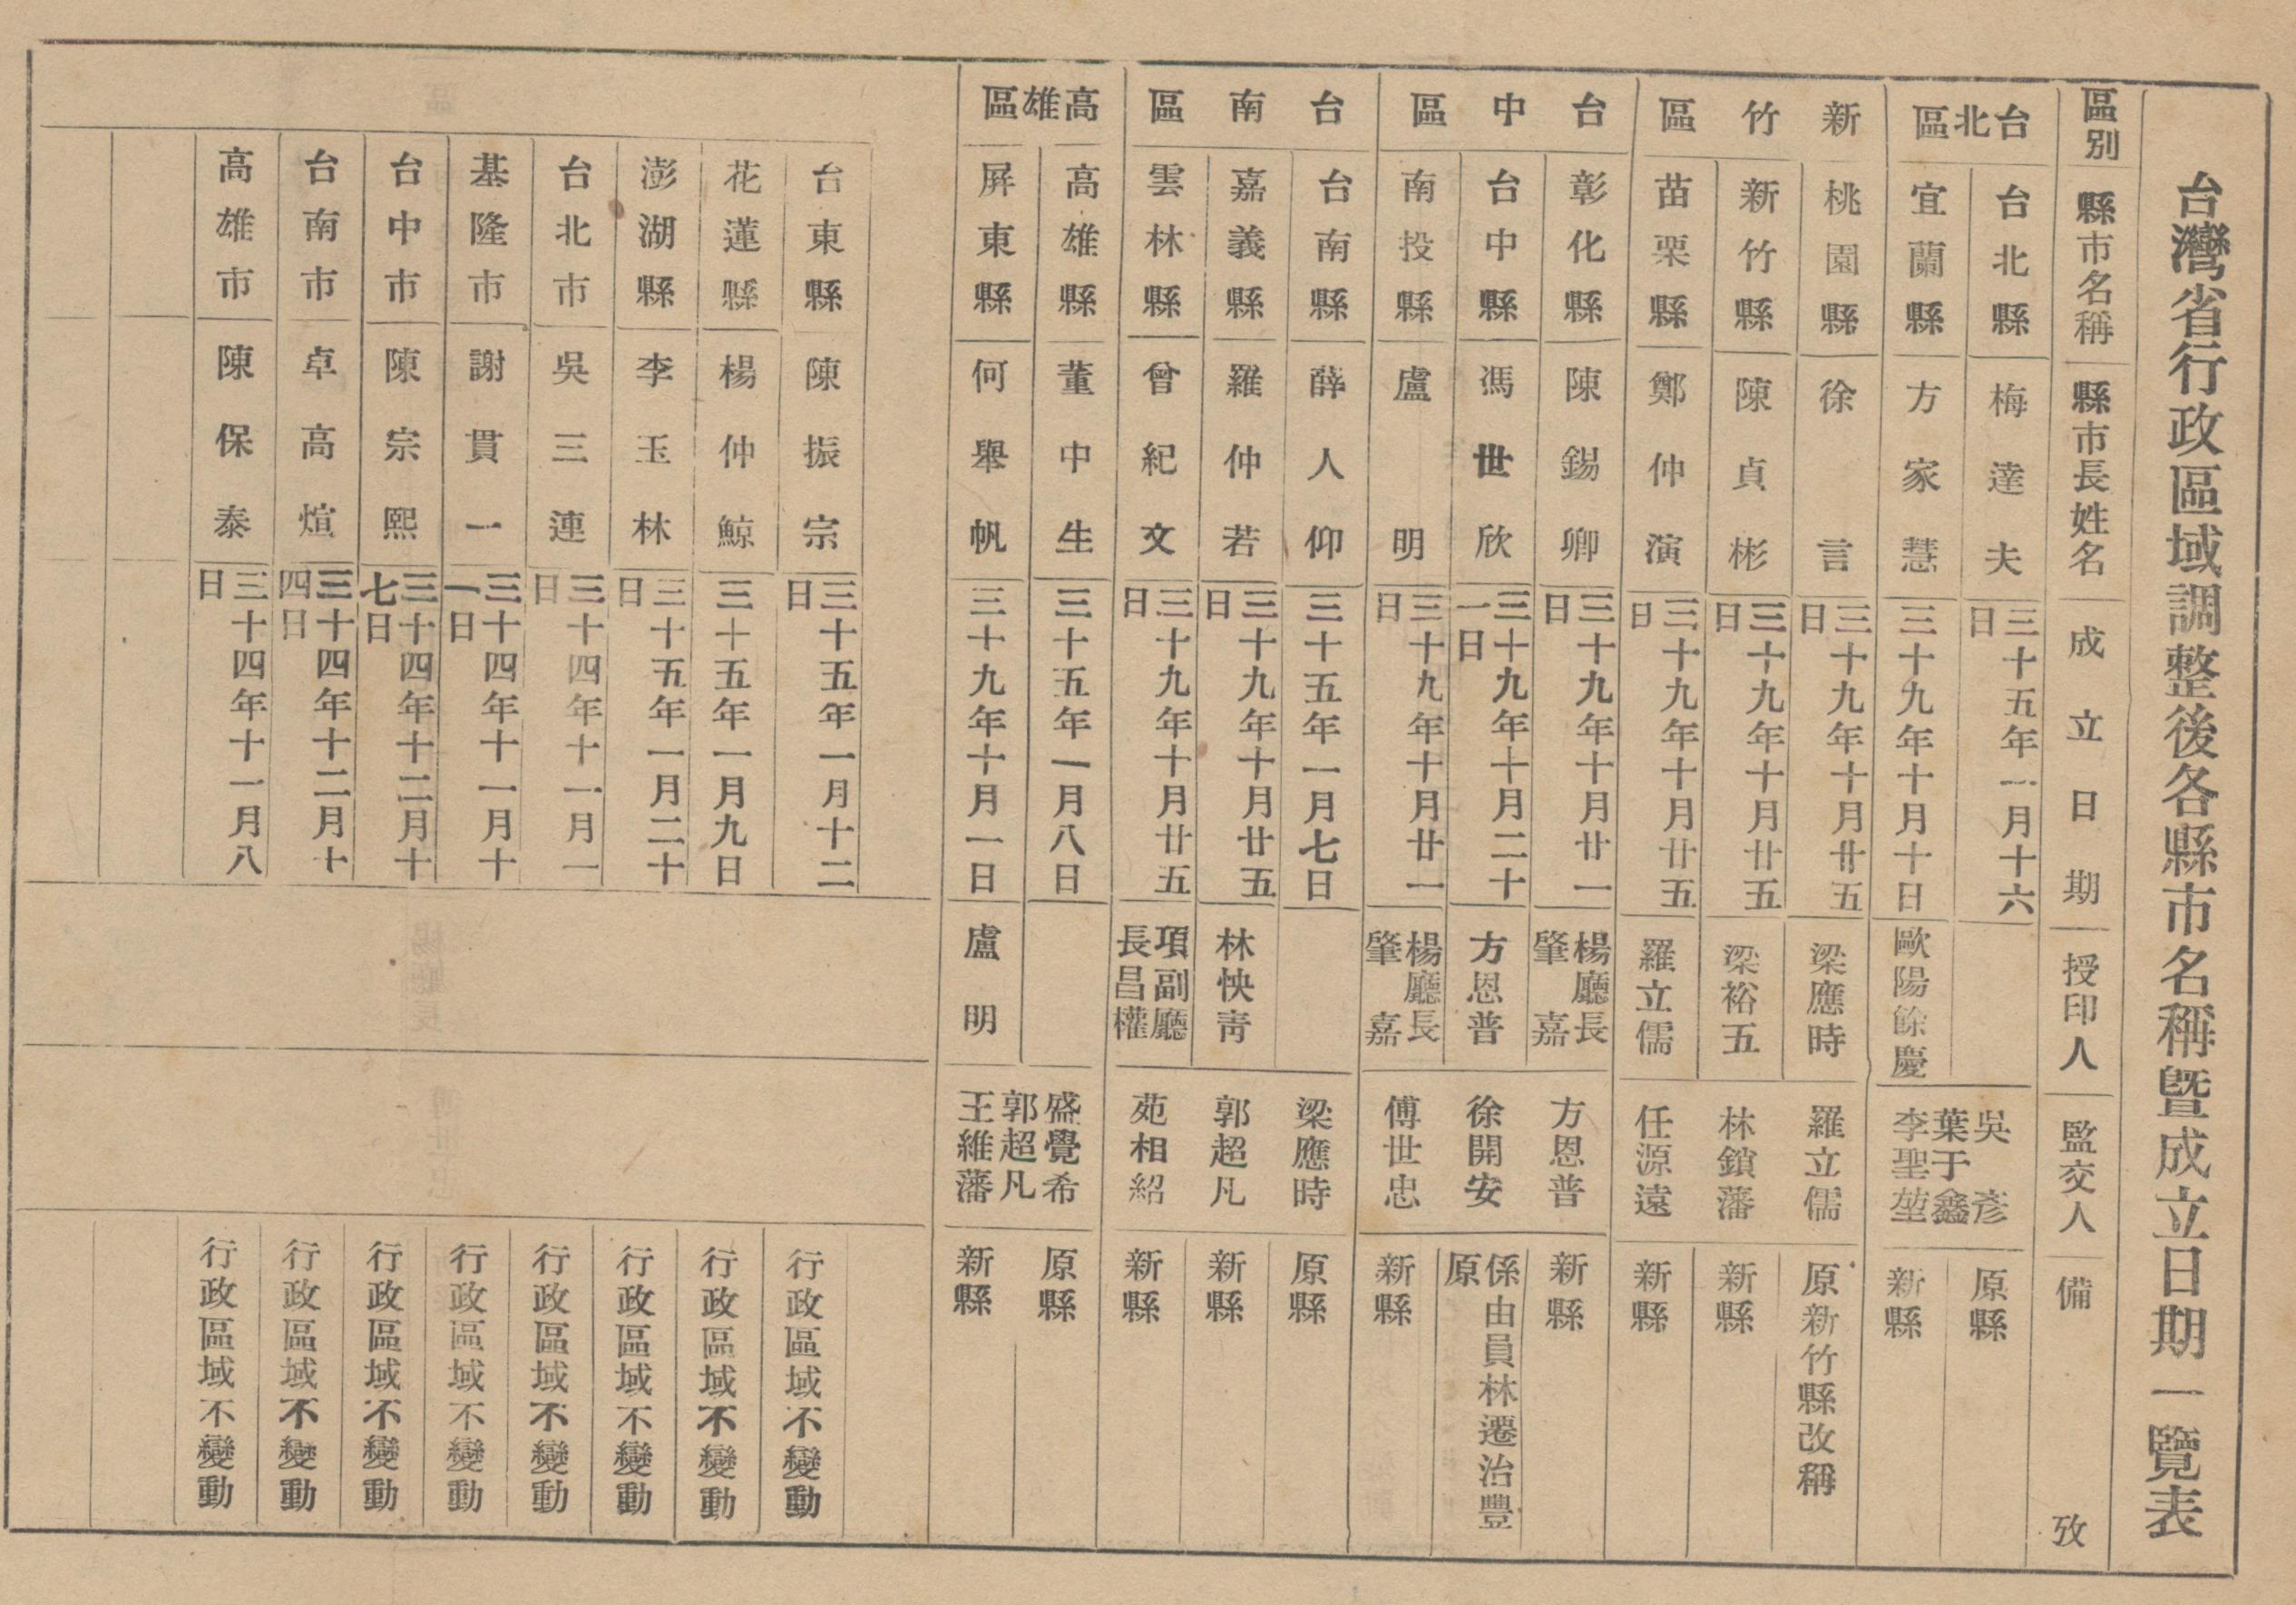 1950年臺灣省行政區域調整後各縣市名稱暨成立日期一覽表